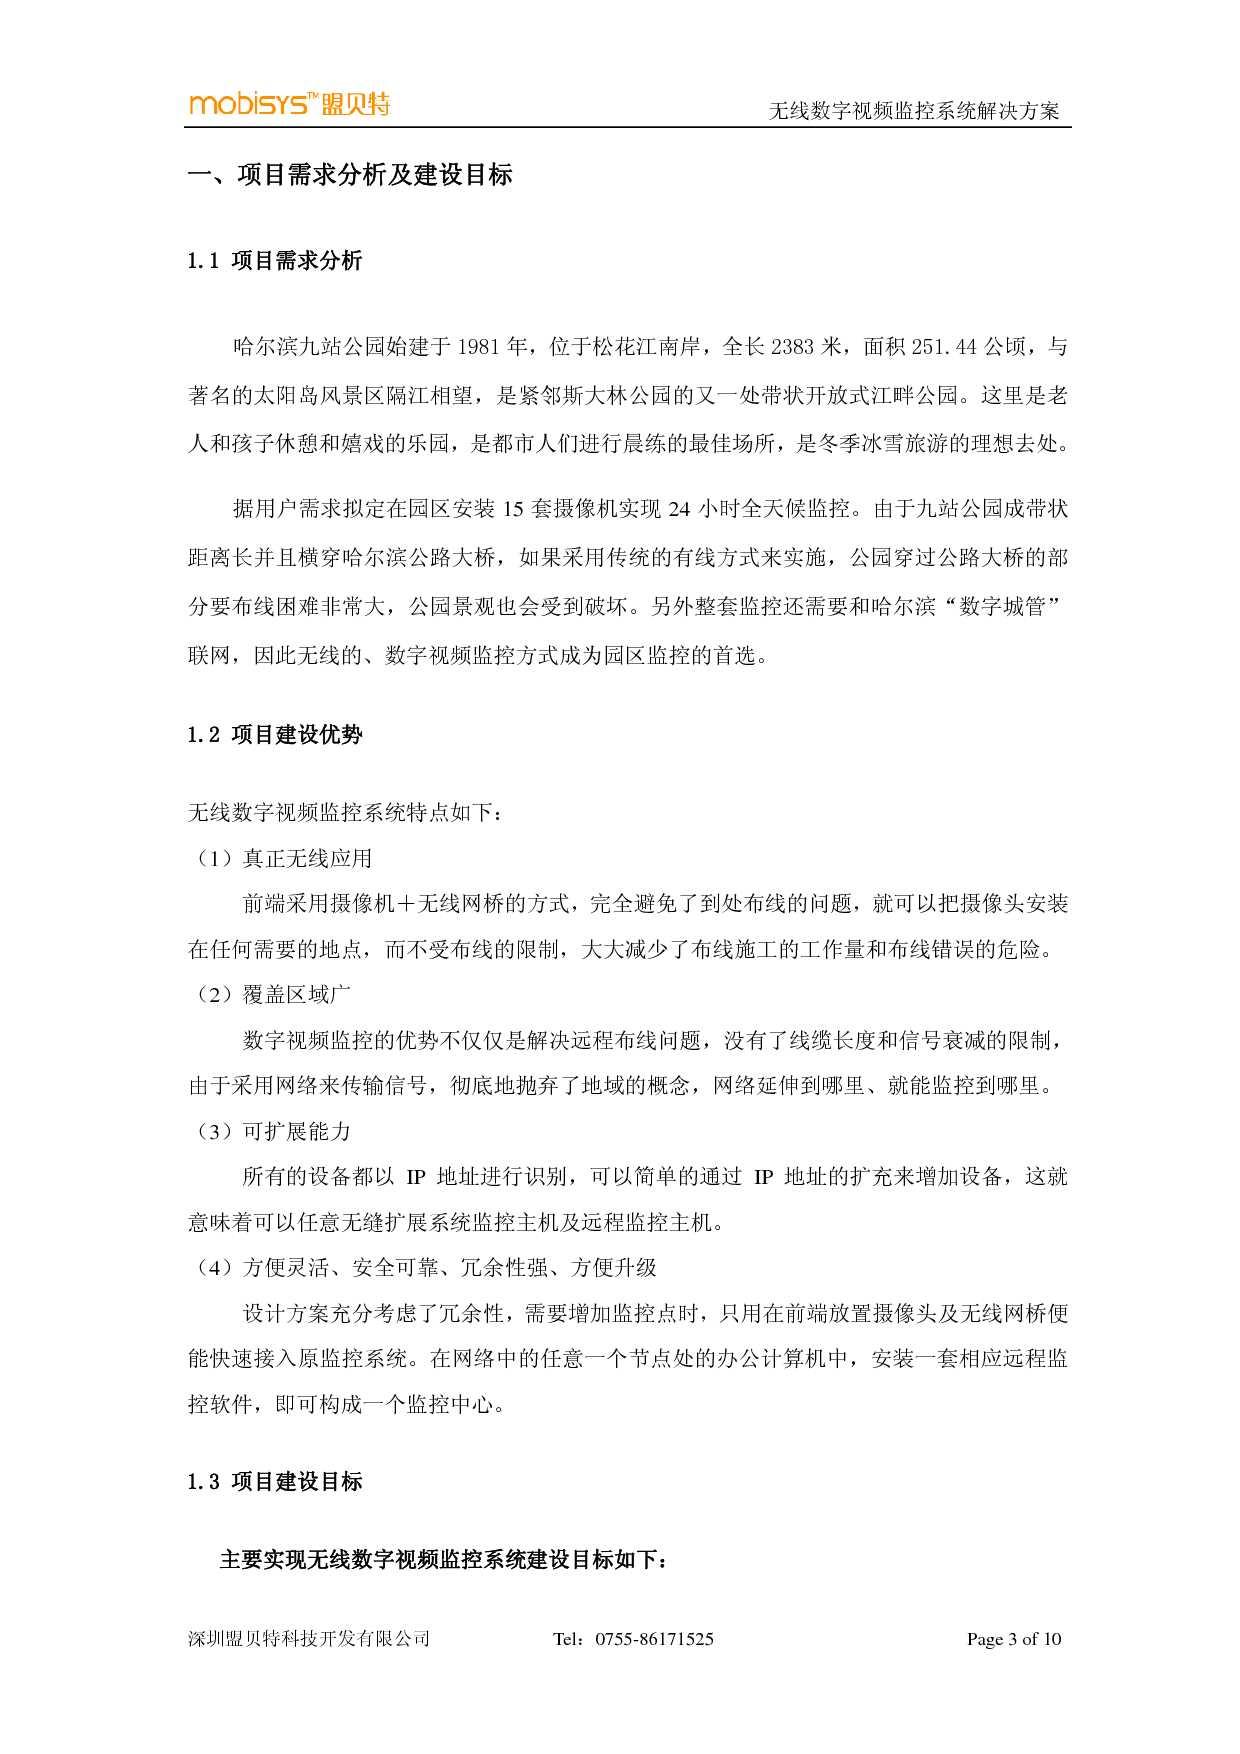 哈尔滨九站数字公园花船视频监控系统无线玩视频图片